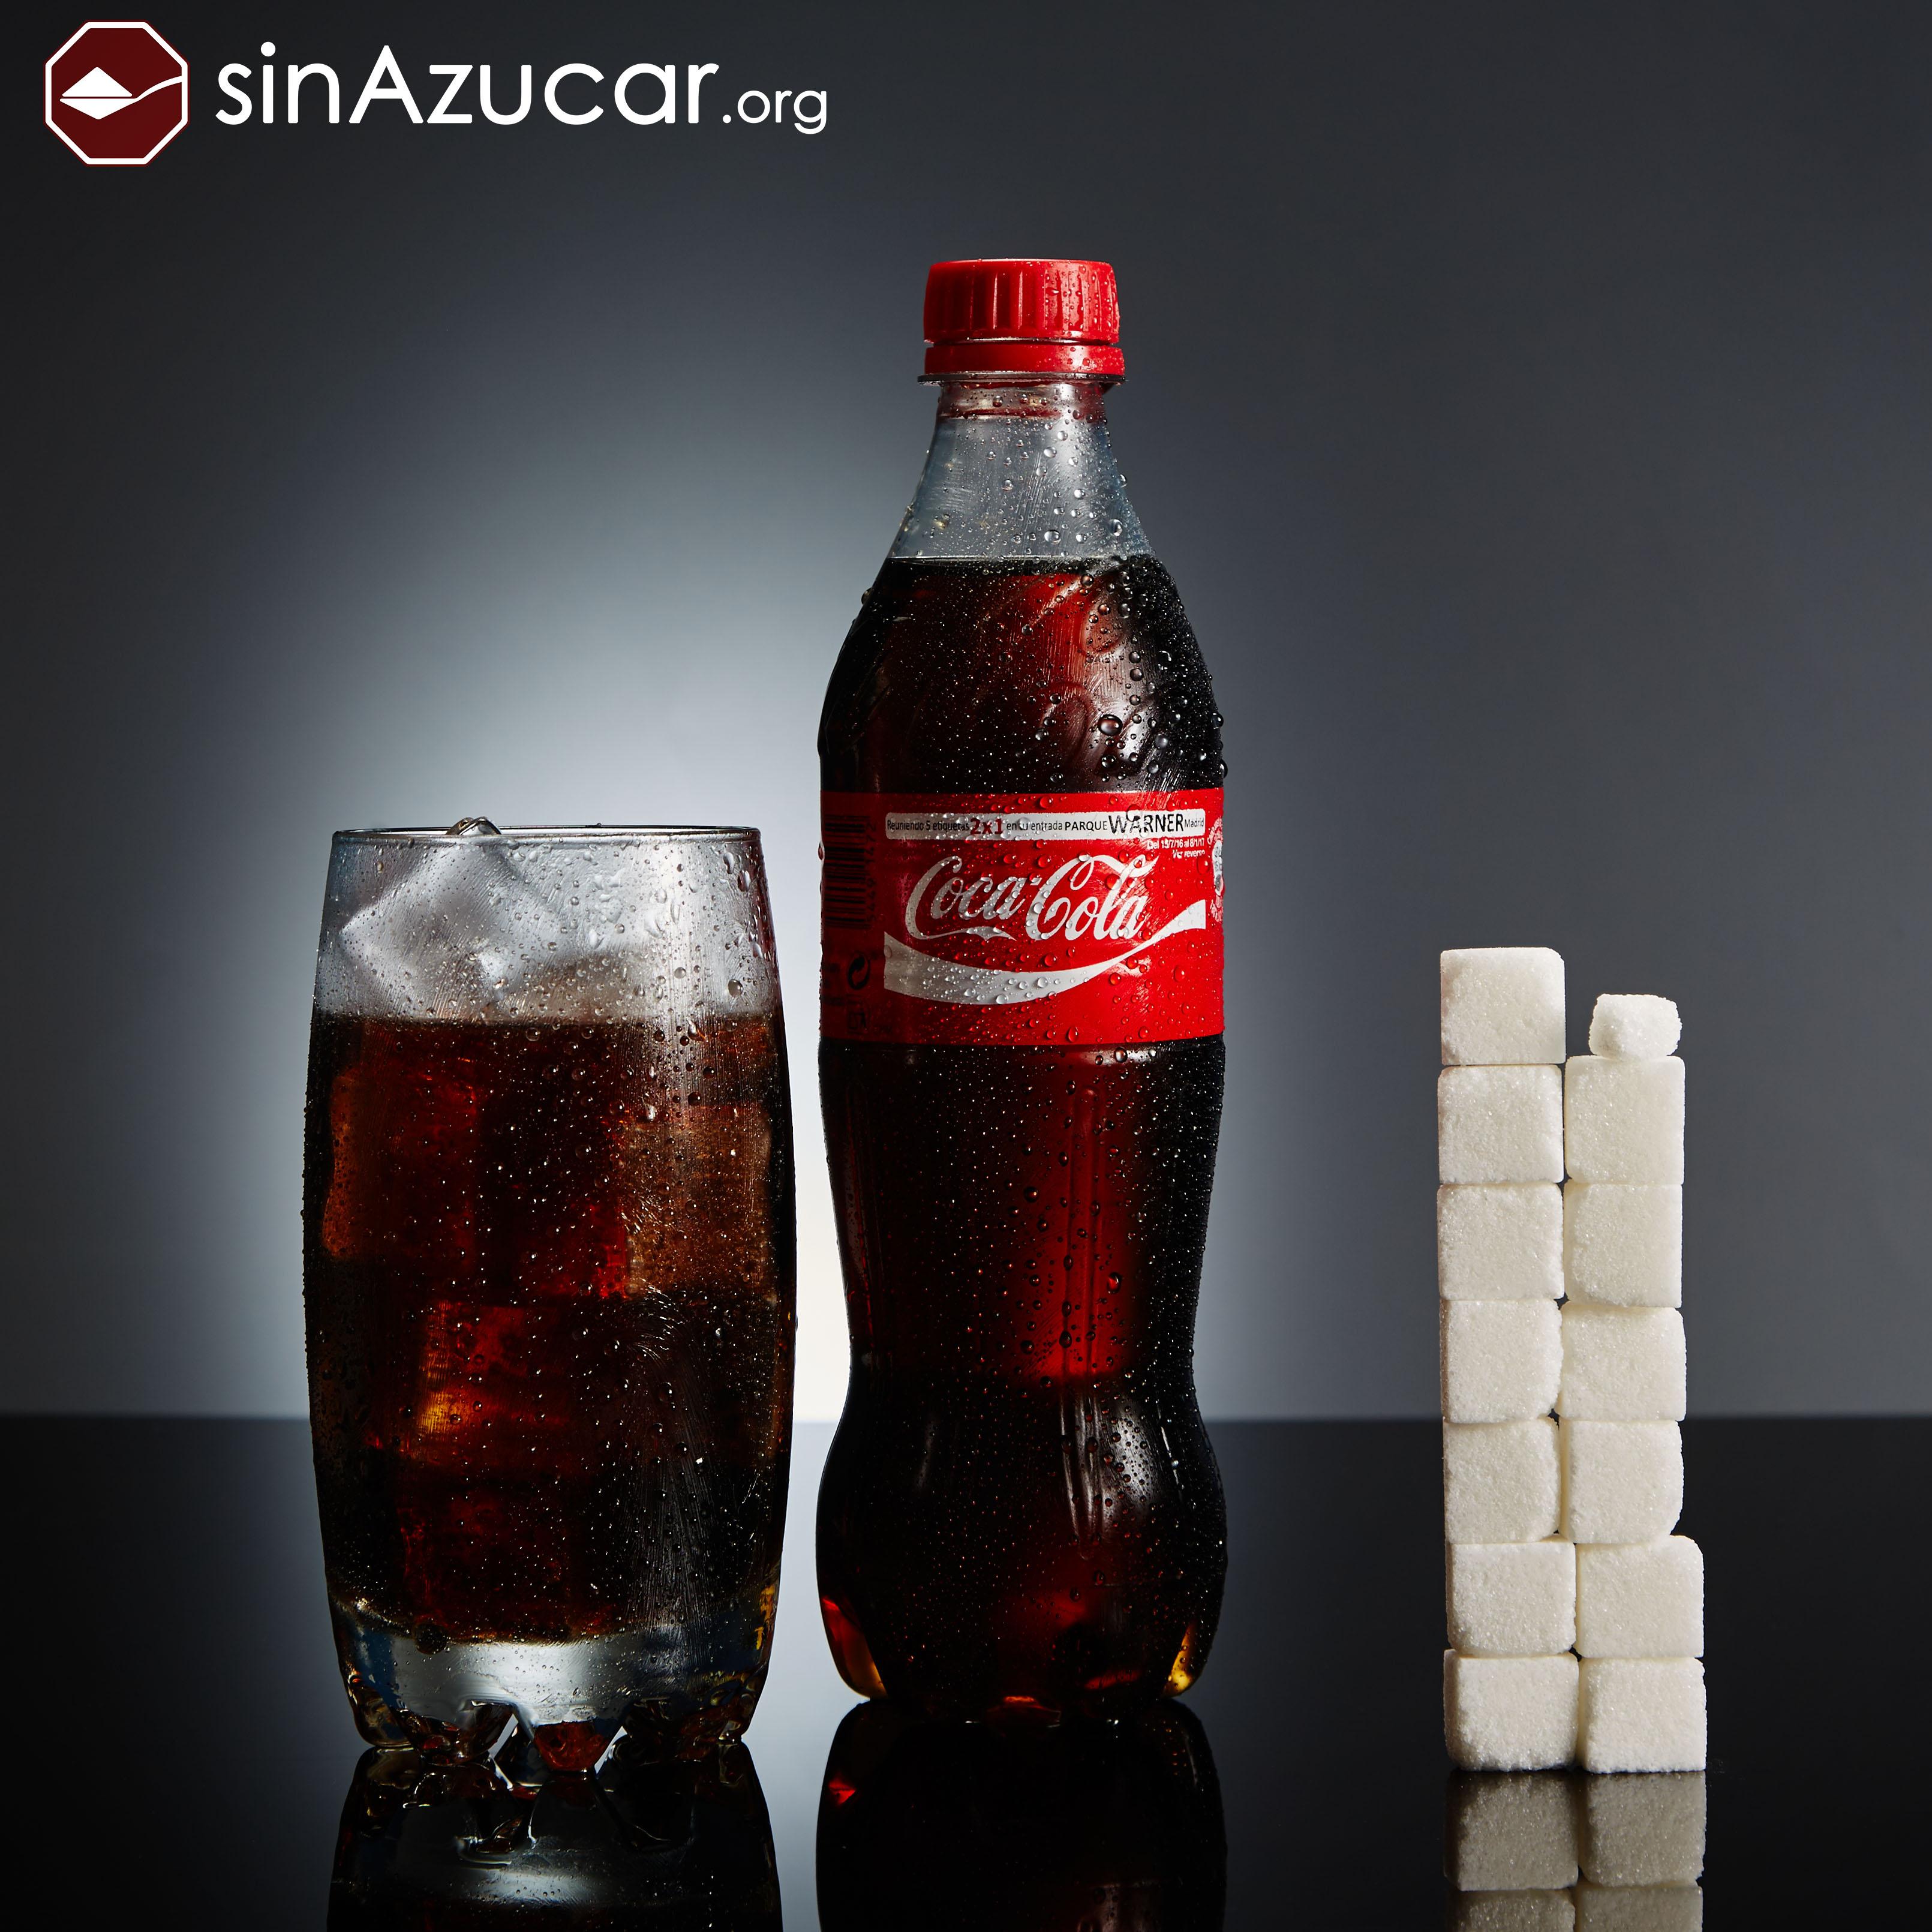 Сколько кубиков сахара прячется в готовых продуктах — наглядно (21 фото)